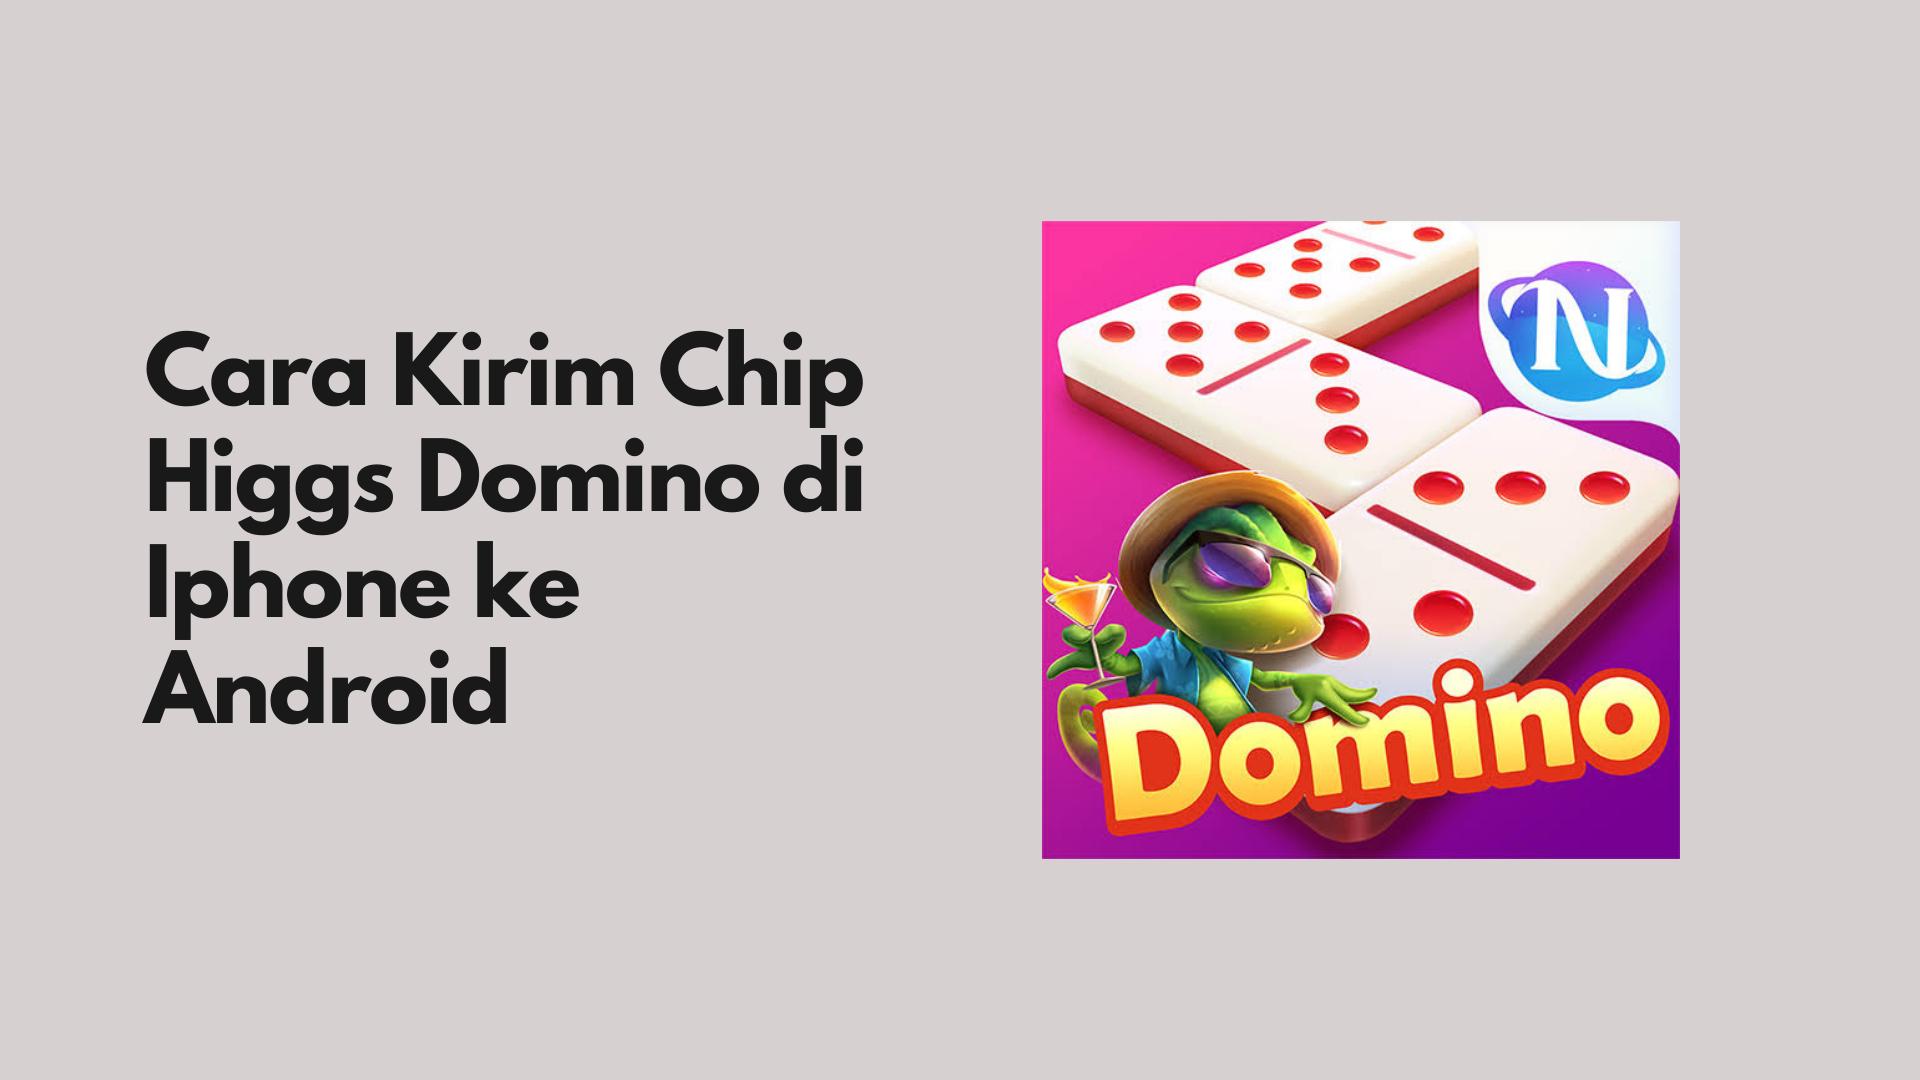 Cara Kirim Chip Higgs Domino di Iphone ke Android